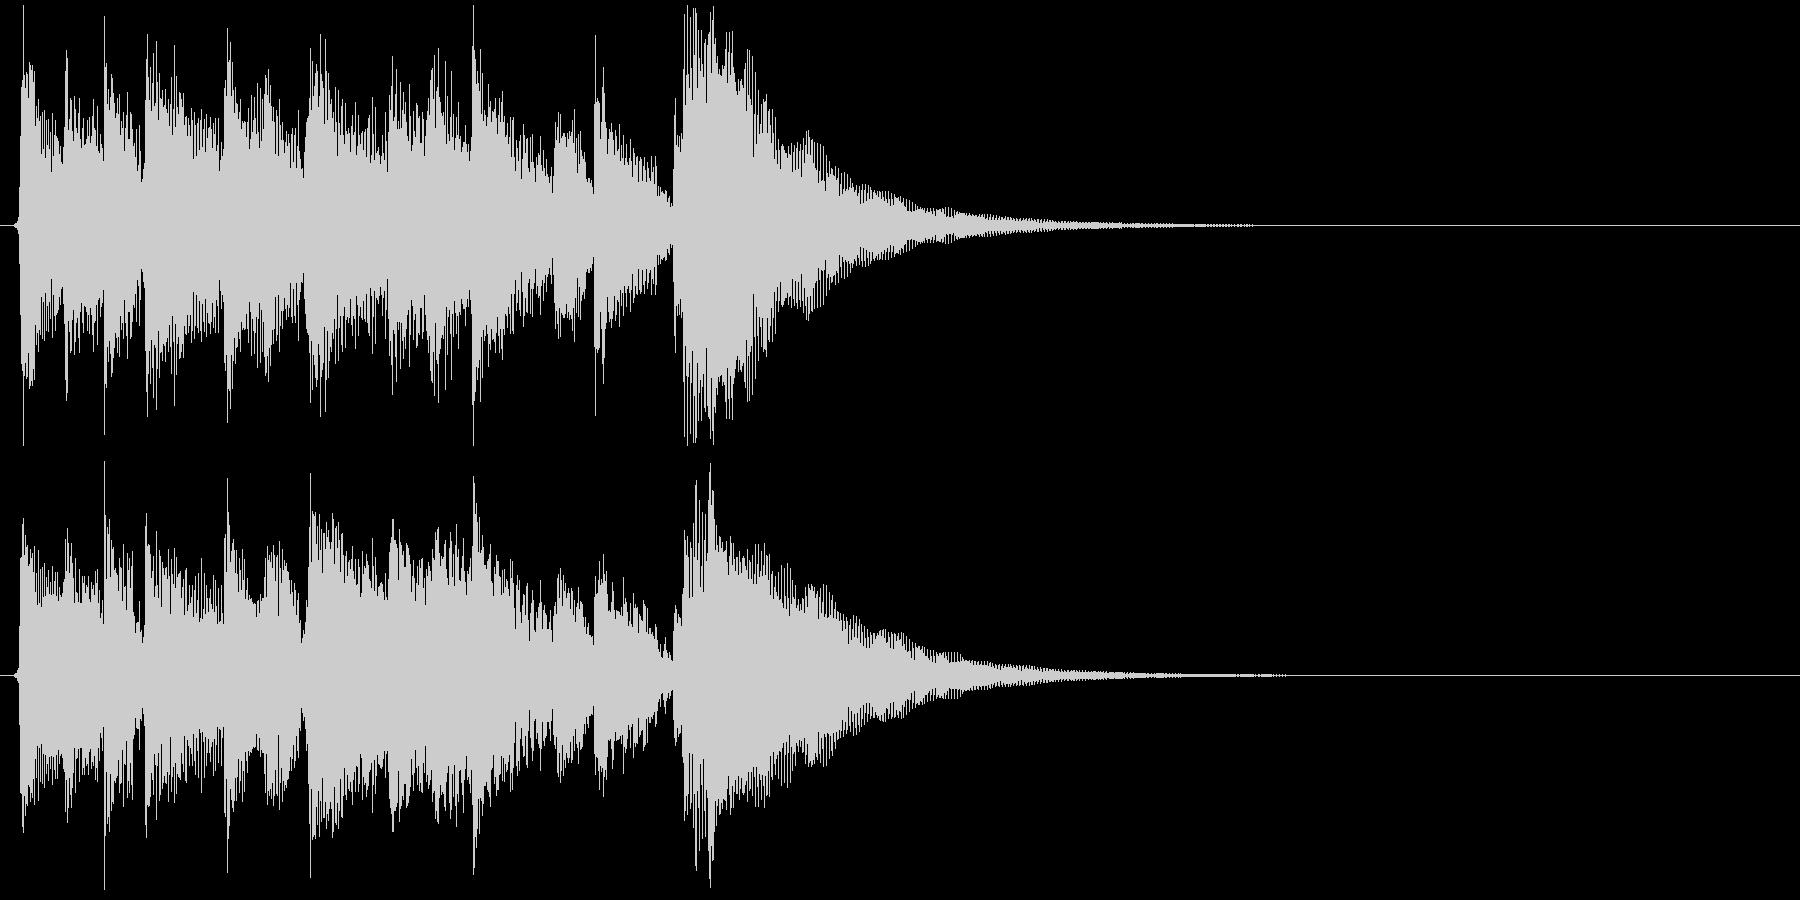 生演奏 アコギ キラキラ 良音 ジングルの未再生の波形